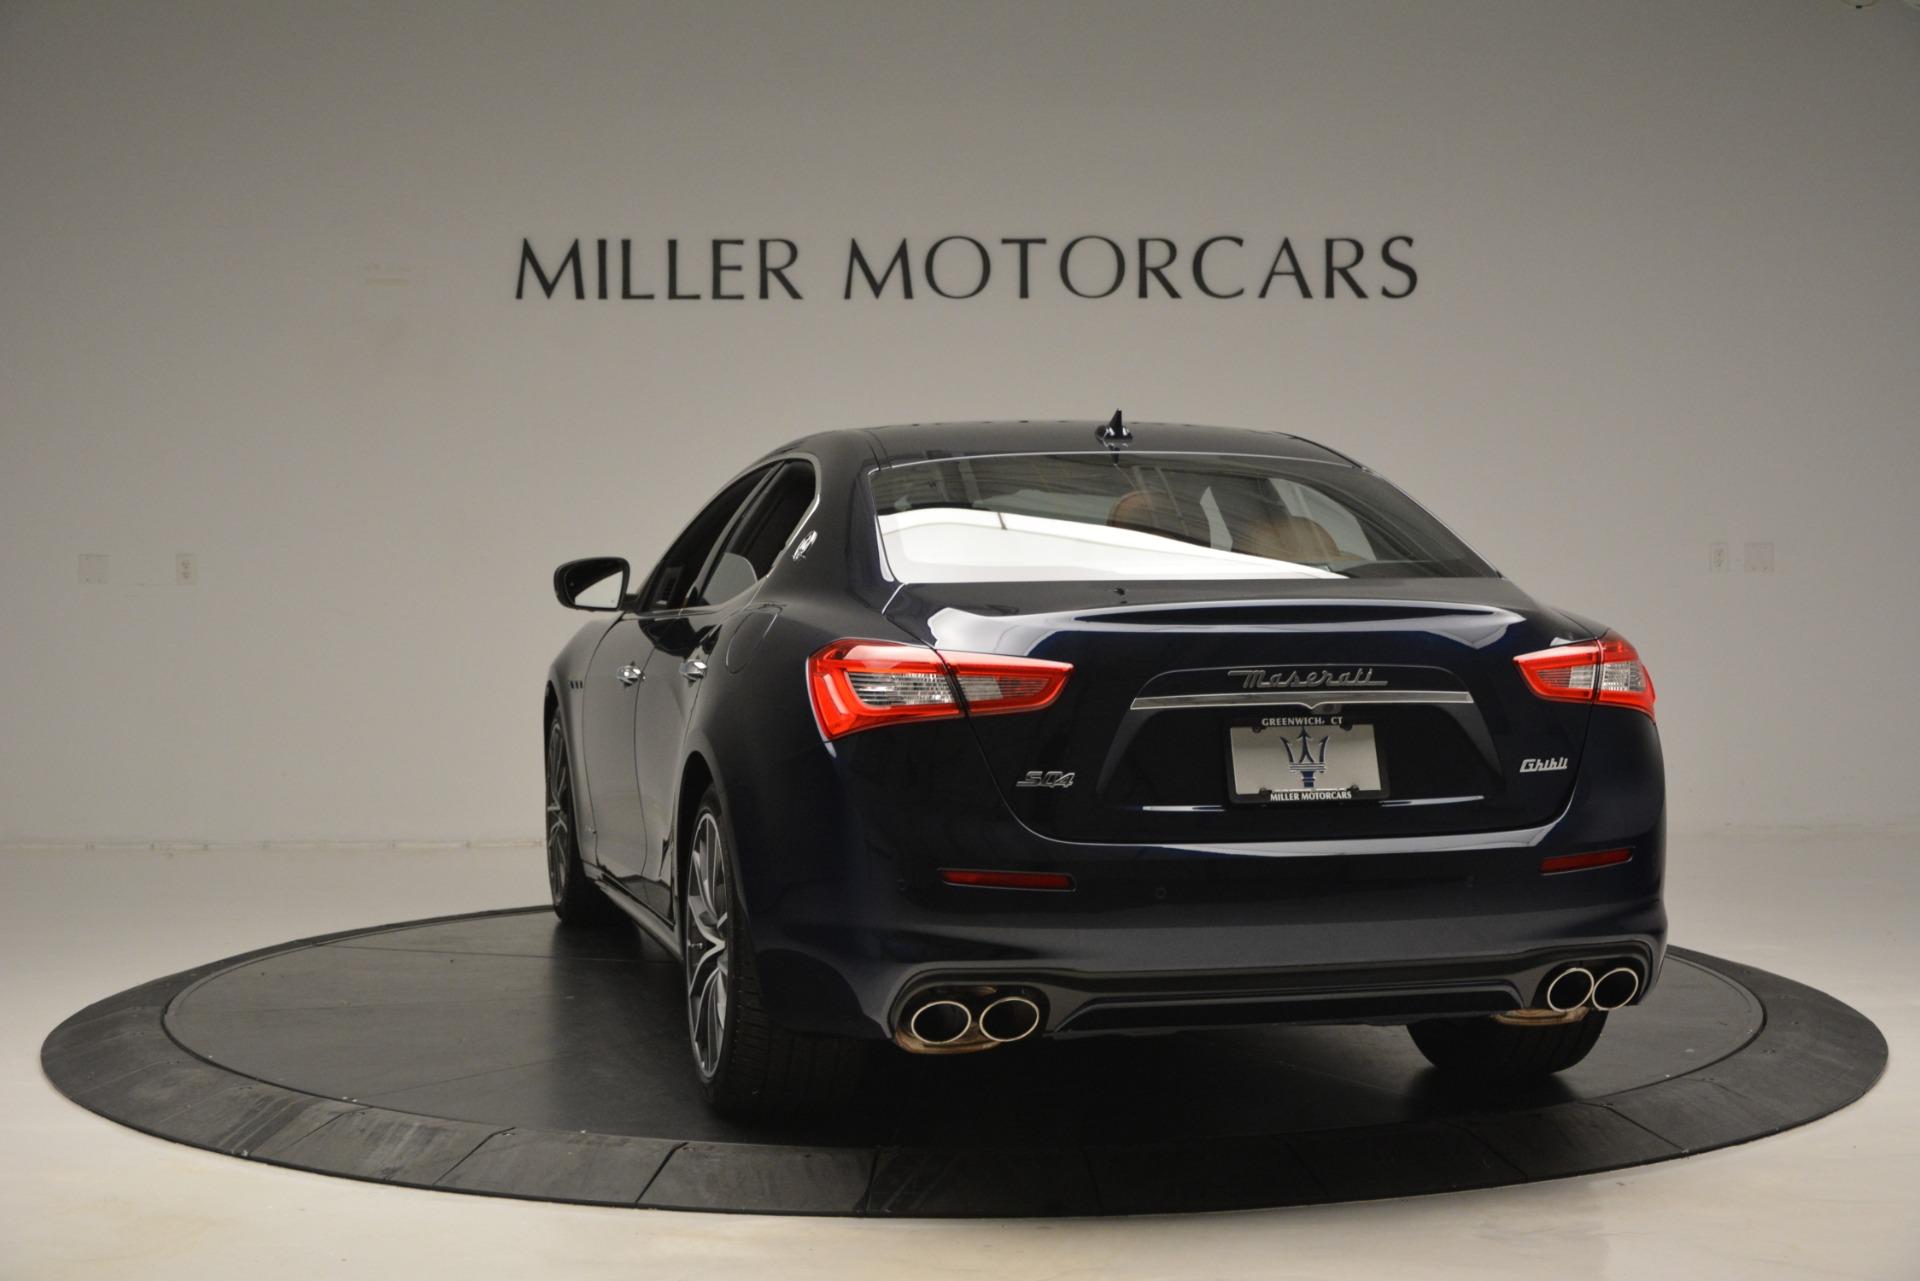 New 2019 Maserati Ghibli S Q4 GranLusso For Sale In Greenwich, CT. Alfa Romeo of Greenwich, M2251 2882_p8